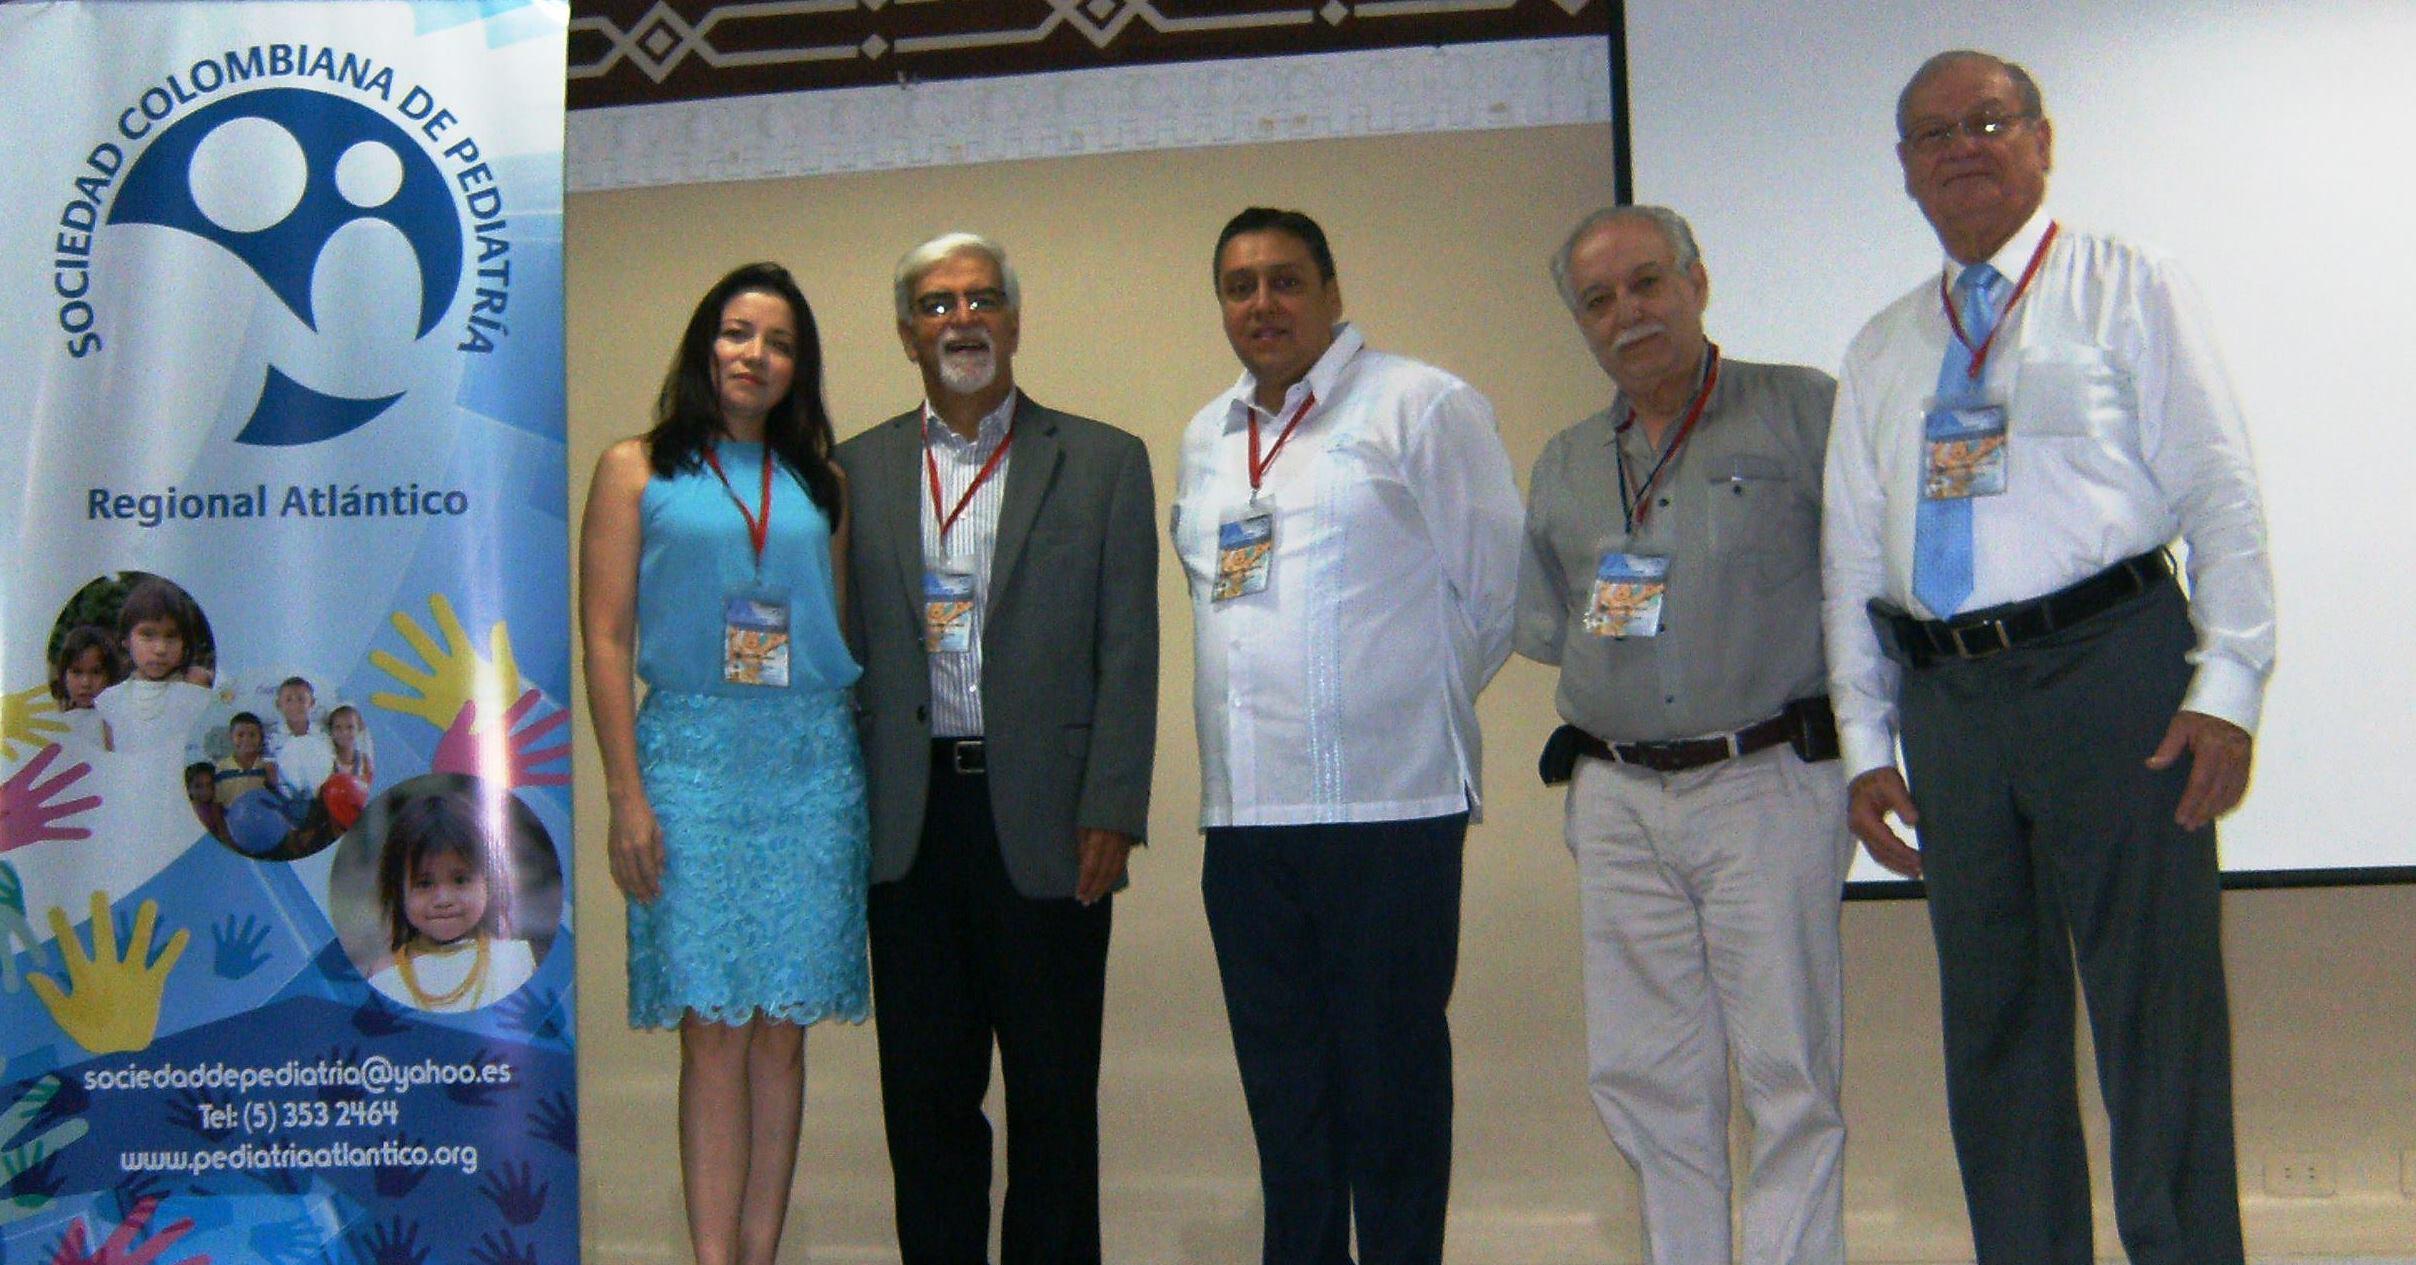 Barranquilla: Gran balance en la Segunda Jornada de Puericultura por la regional Atlántico SCP